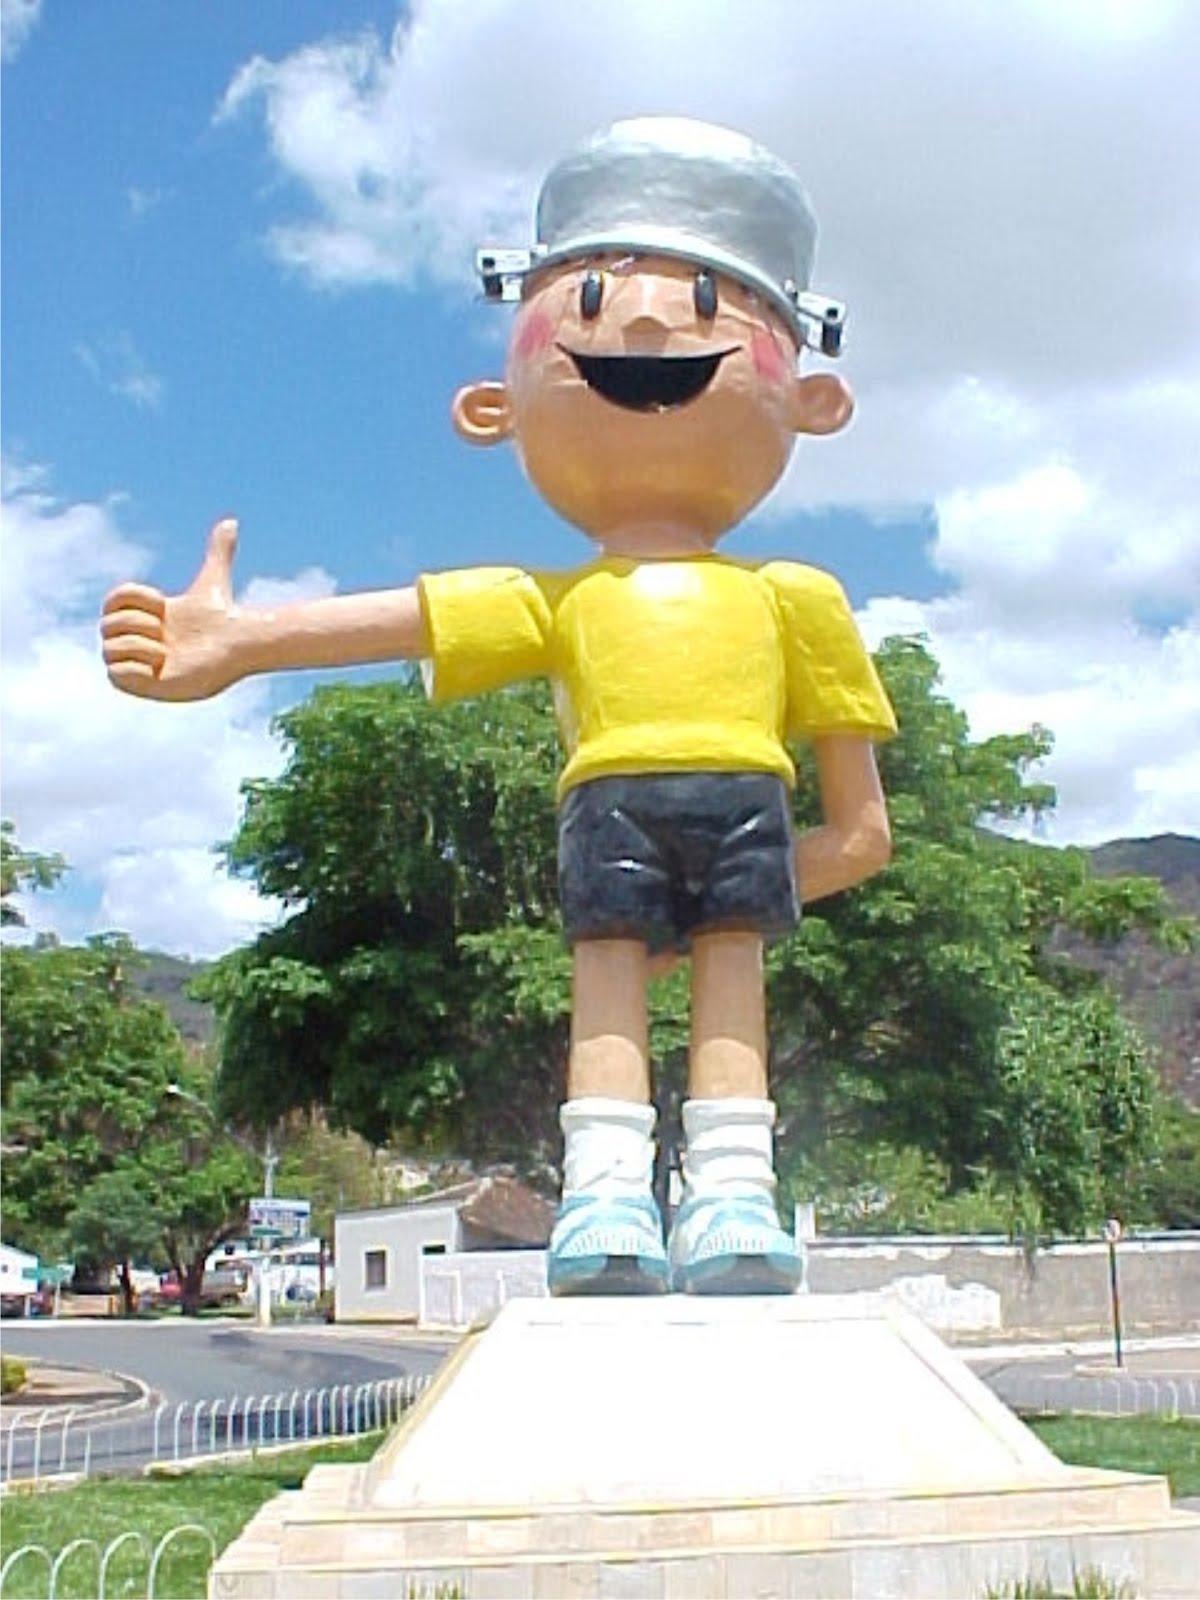 Monumento do Menino Maluquinho